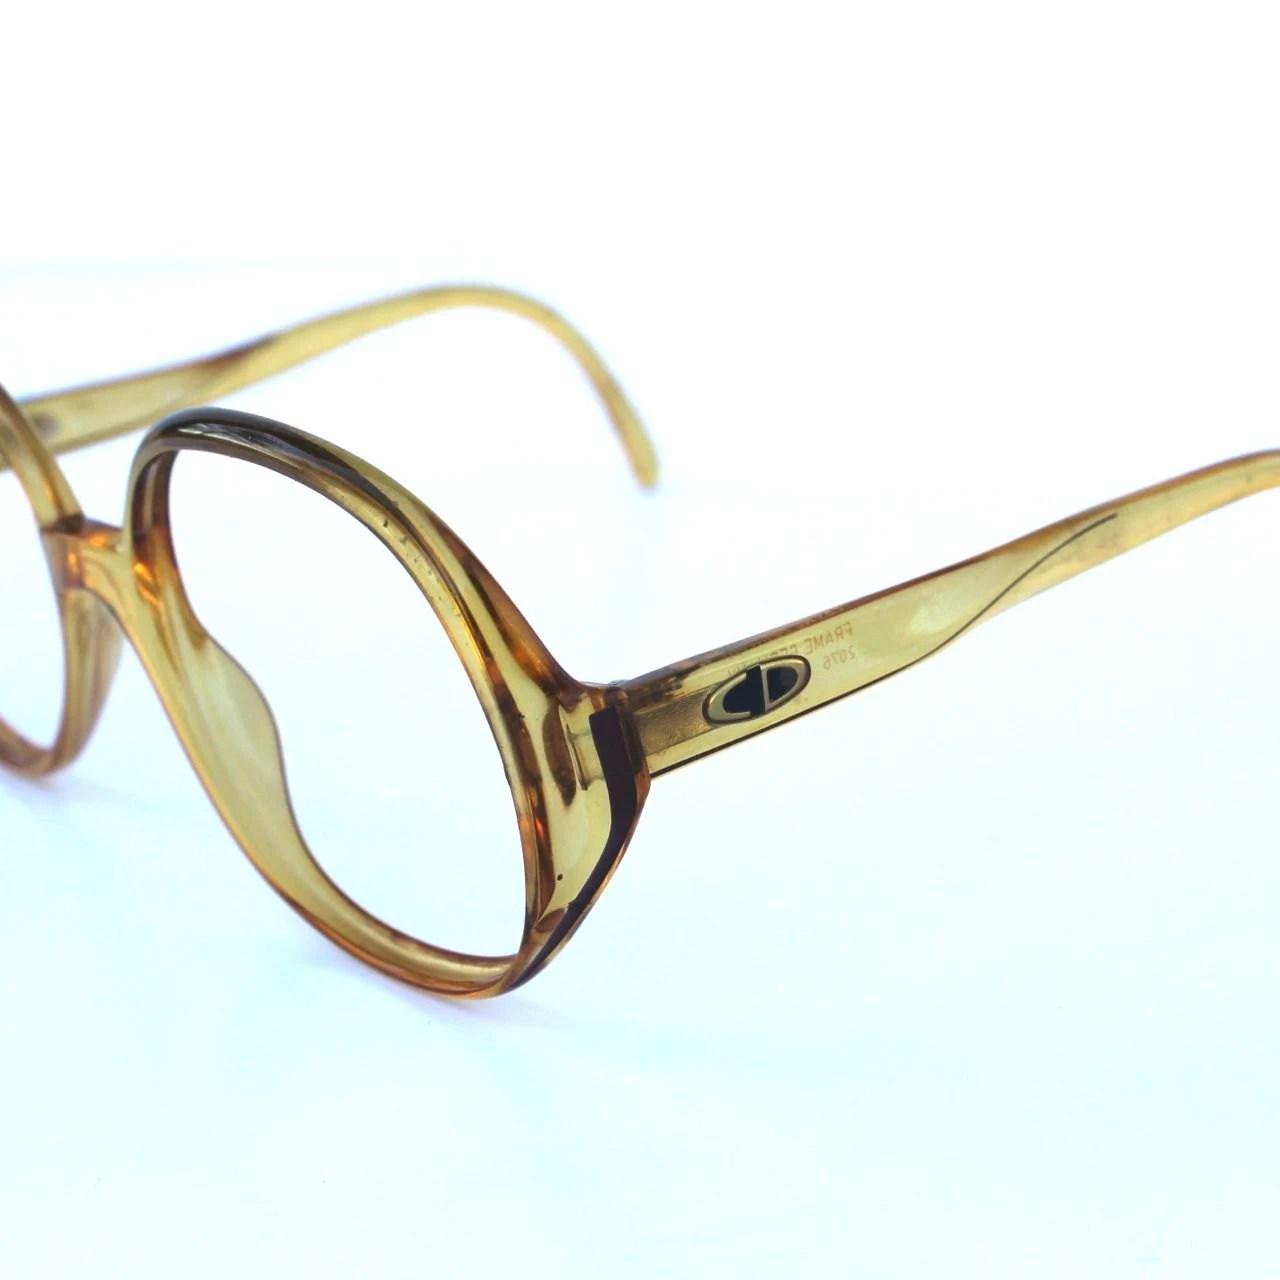 Dior Glasses Frames Official Website : Christian Dior Vintage Circular Caramel Glasses Frames ...